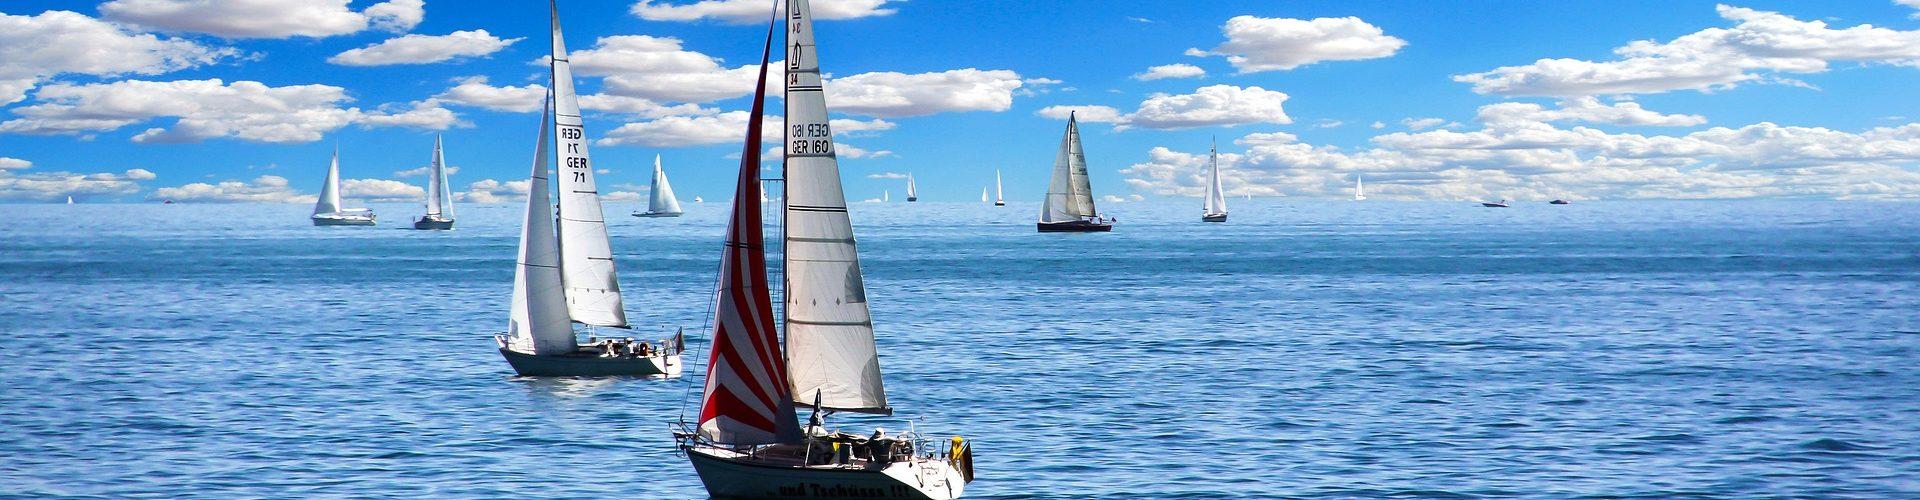 segeln lernen in Zeuthen segelschein machen in Zeuthen 1920x500 - Segeln lernen in Zeuthen